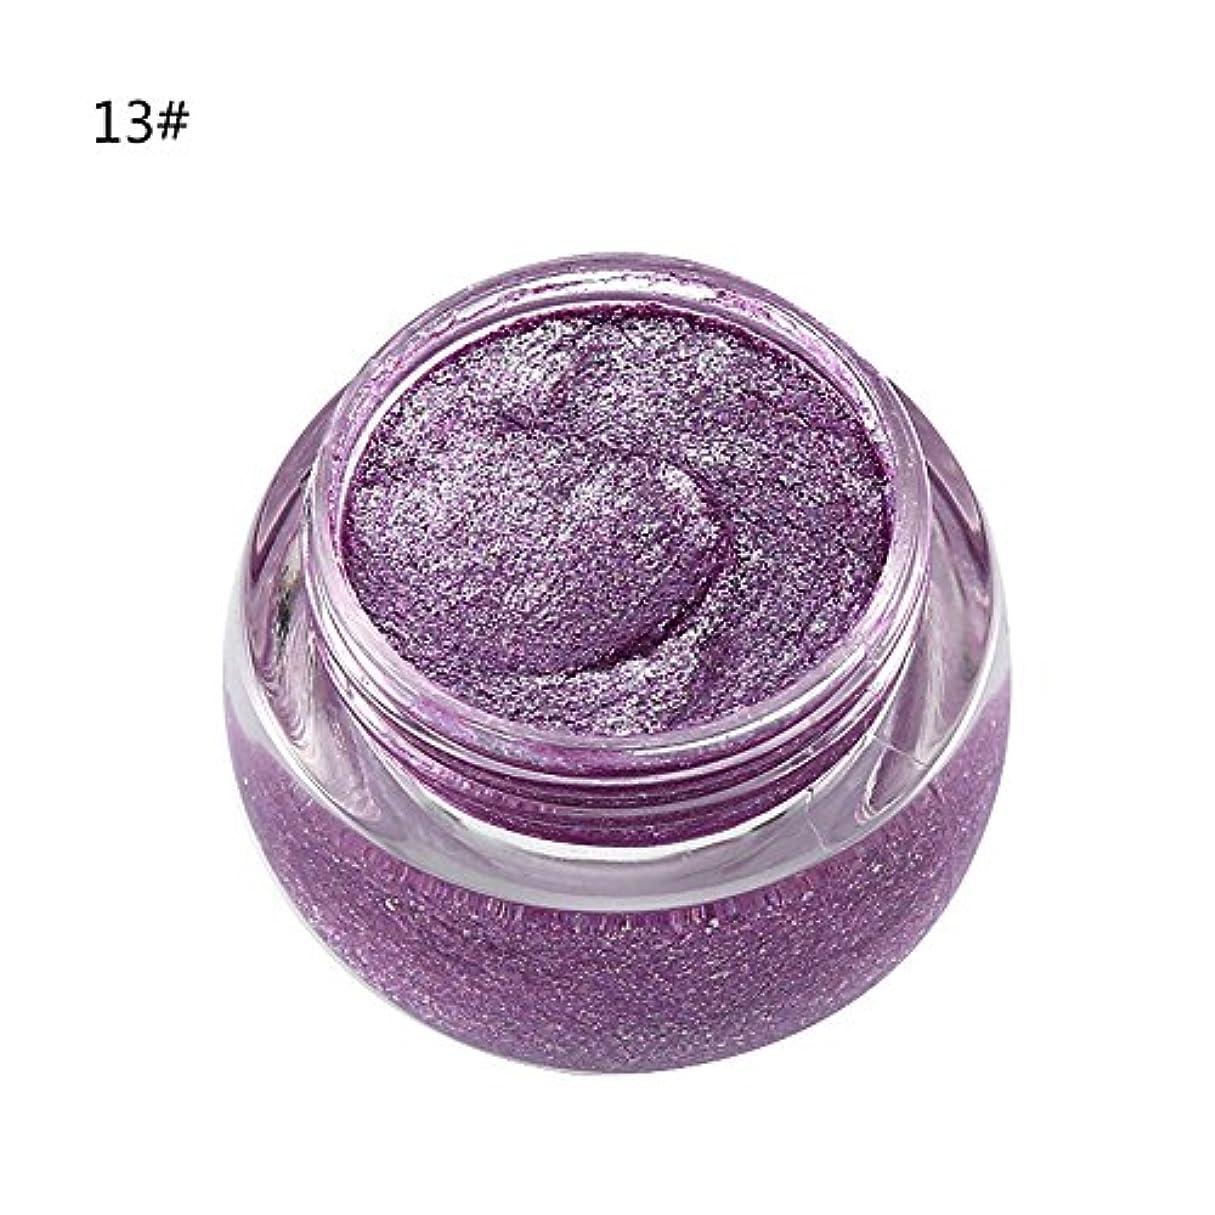 動員する瀬戸際社会科アイシャドウ 単色 化粧品 光沢 保湿 キラキラ 美しい タイプ 13